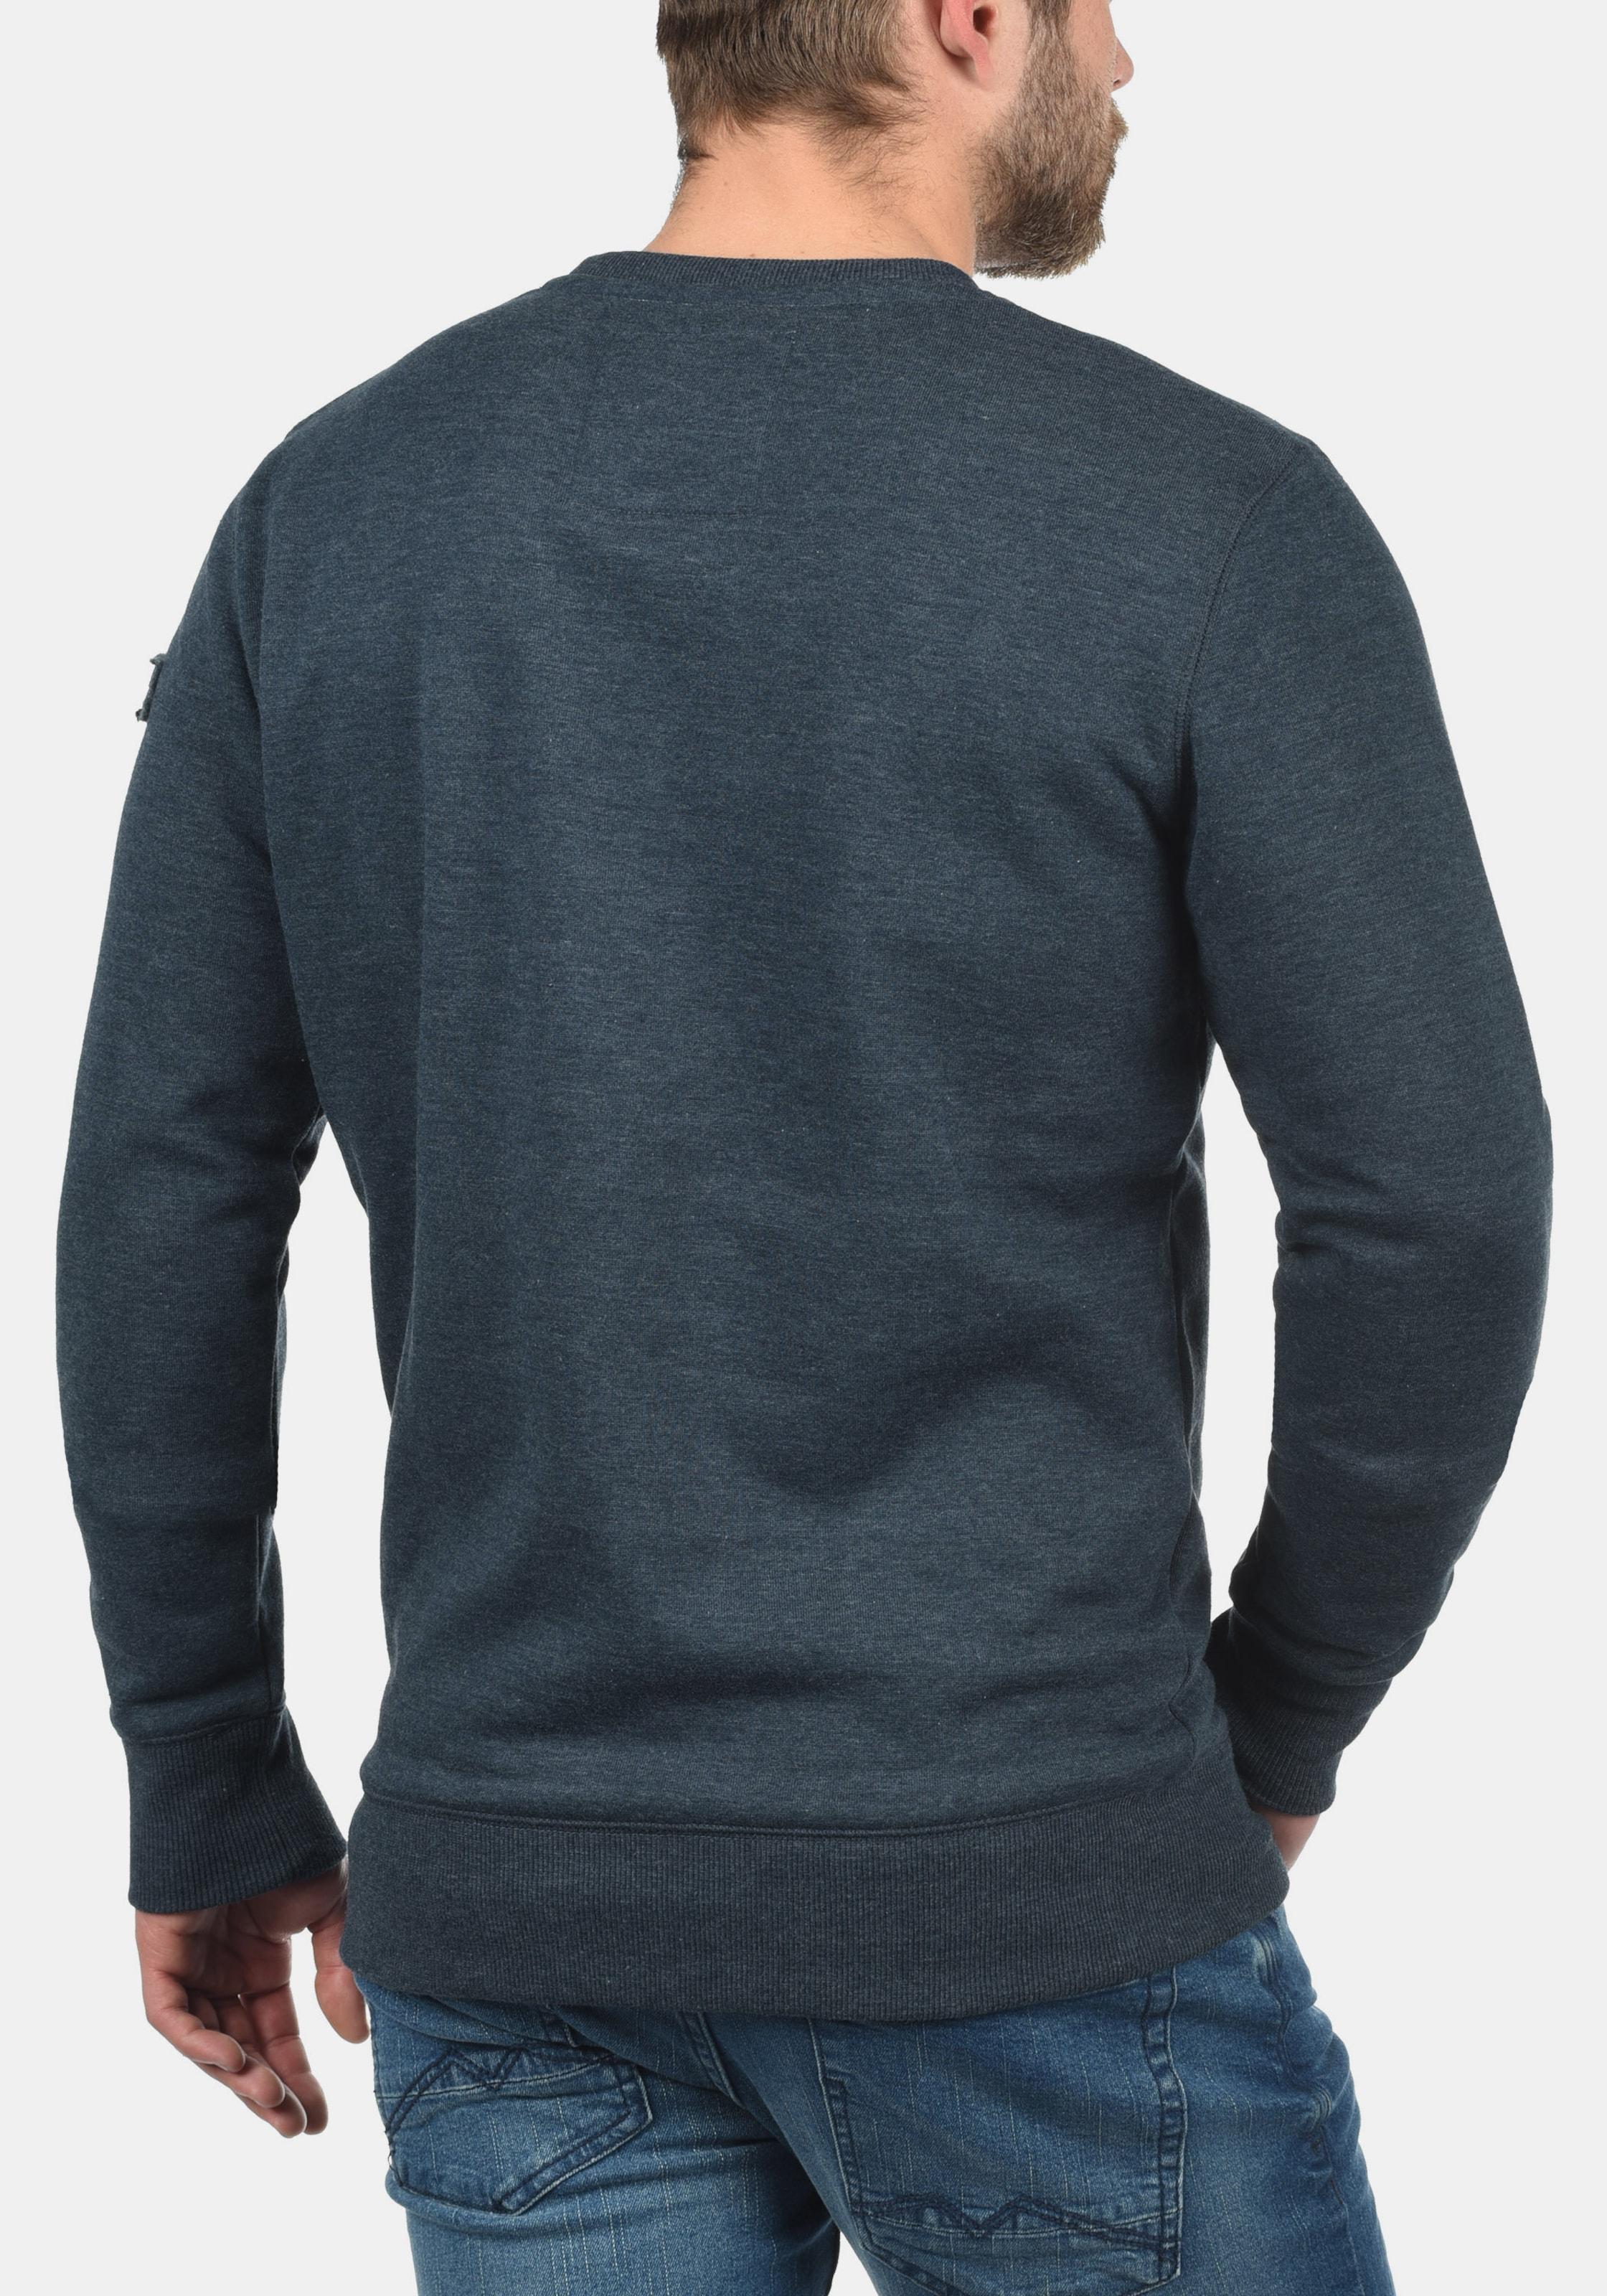 o neck' In Sweatshirt 'trip solid Blau roxQCedBW